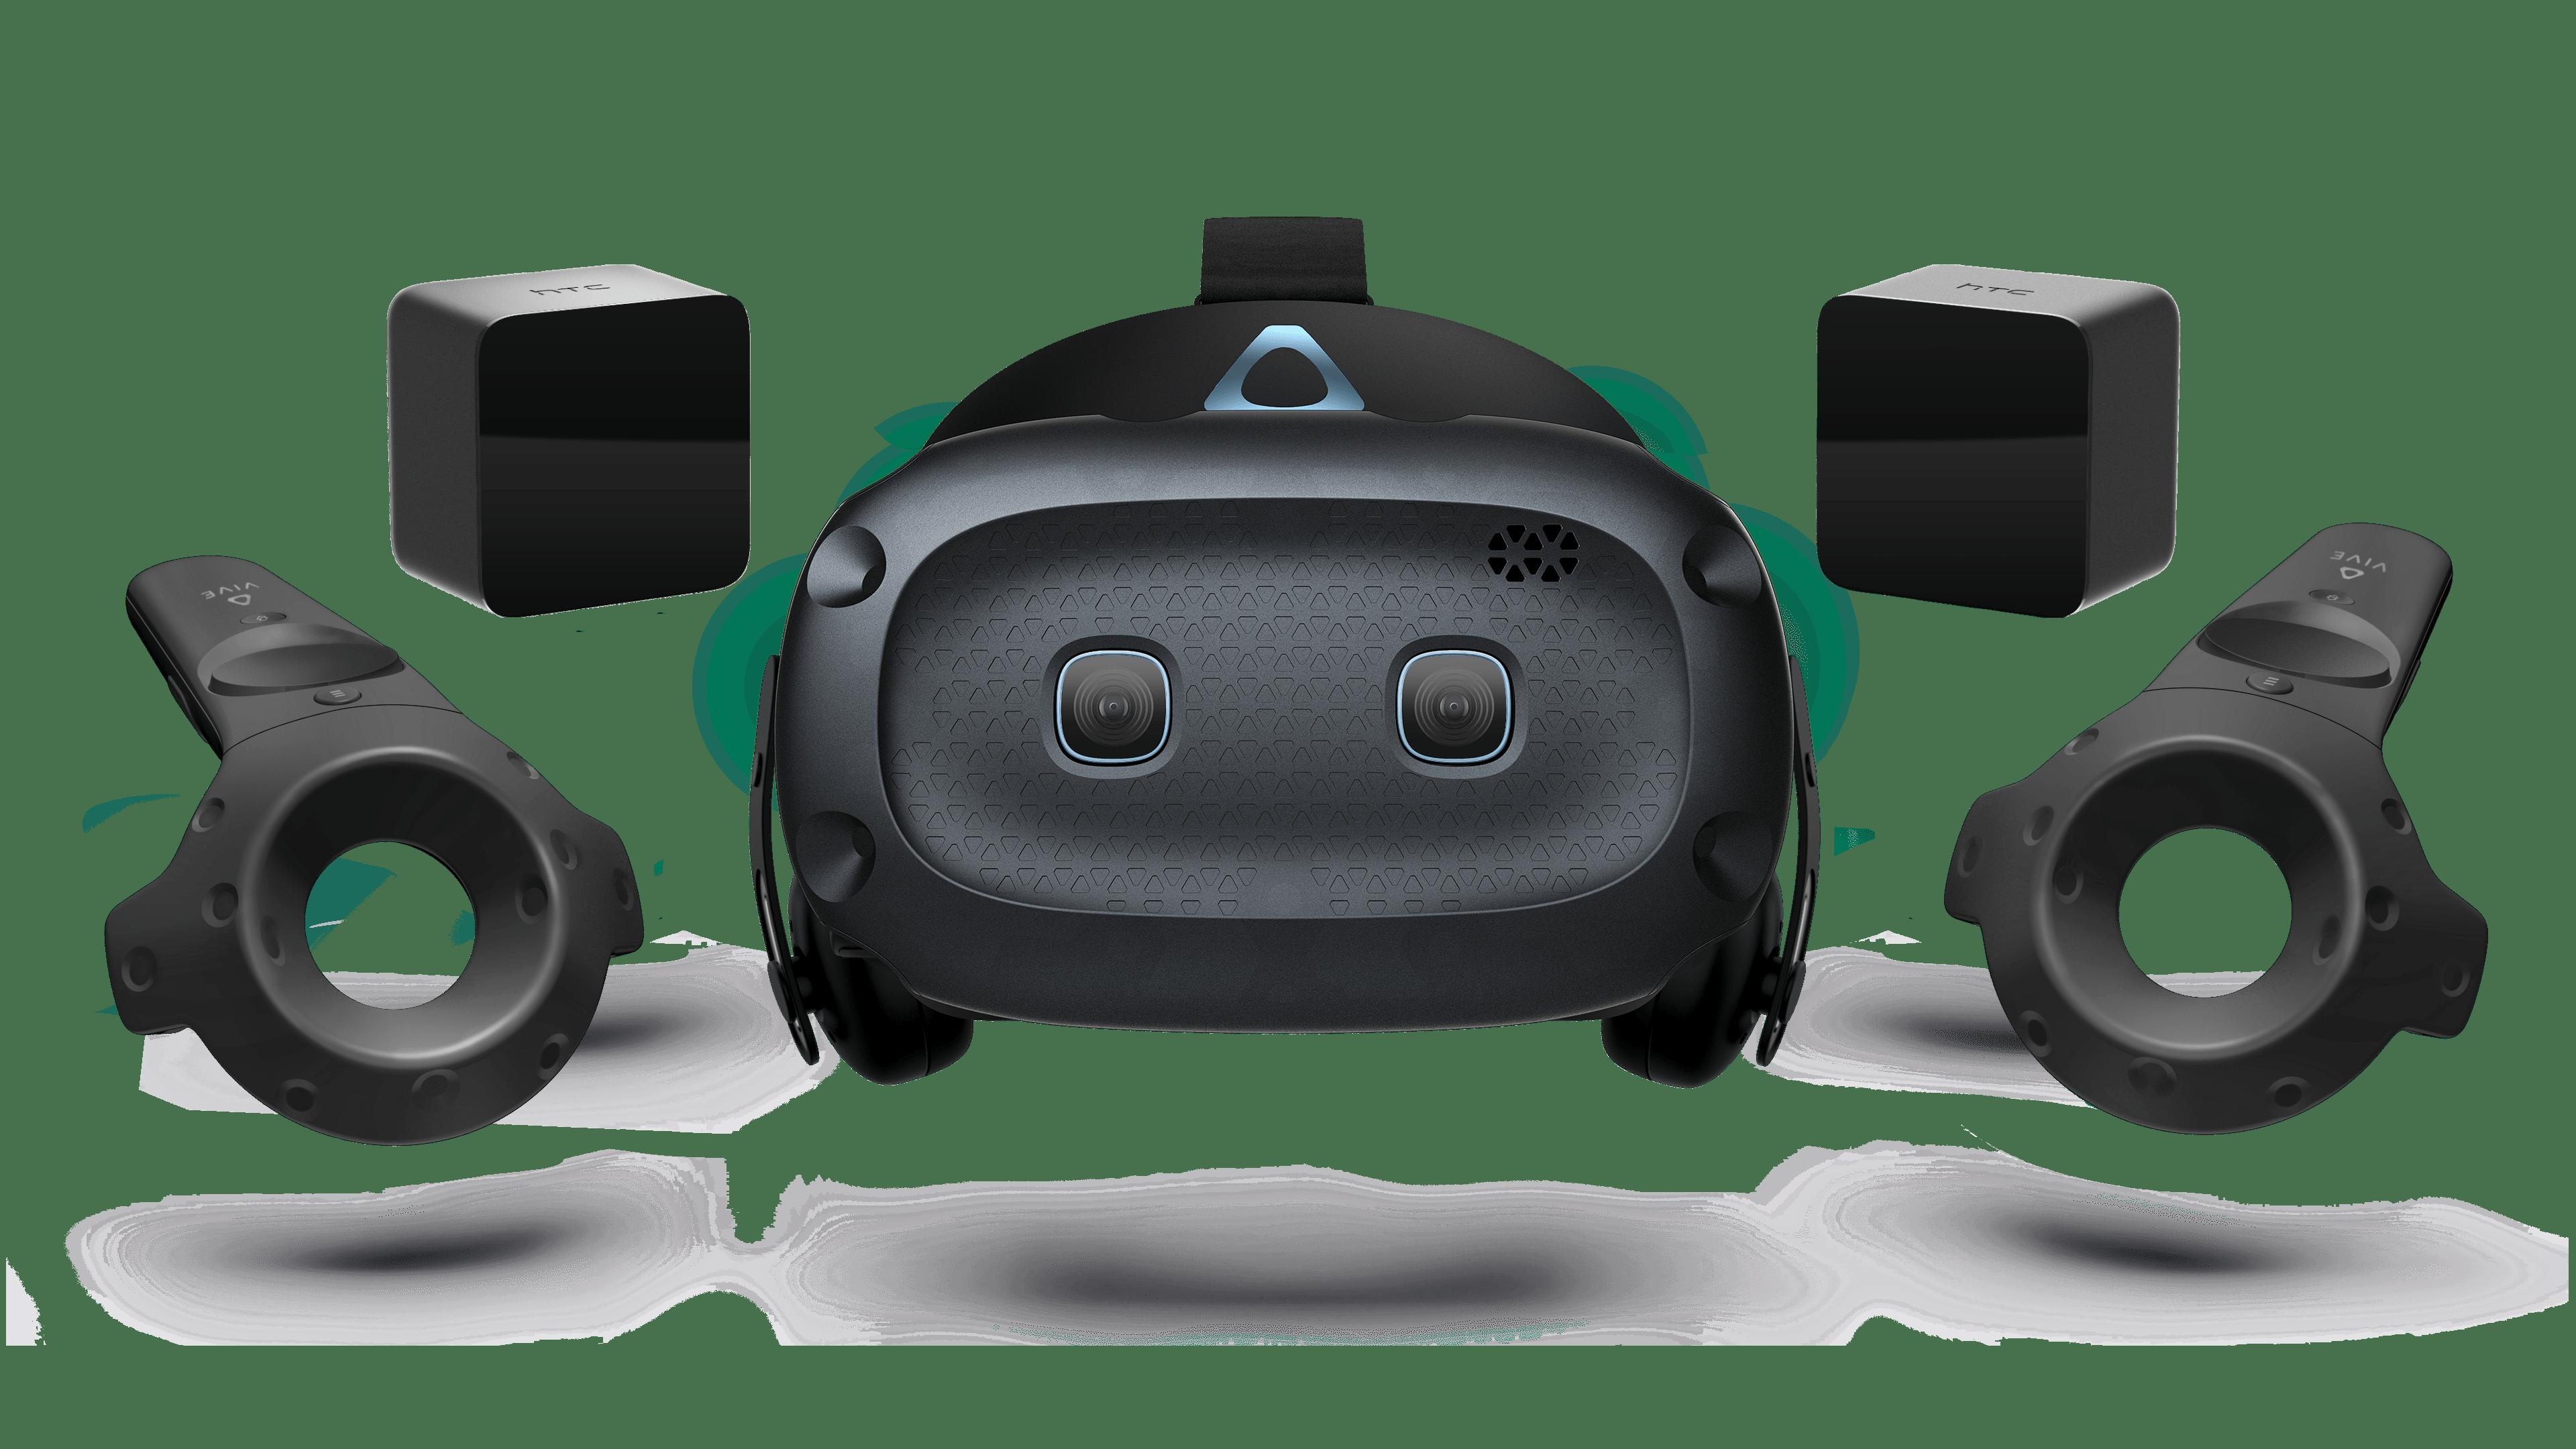 HTC présente son nouveau casque VR : le VIVE Cosmos Elite